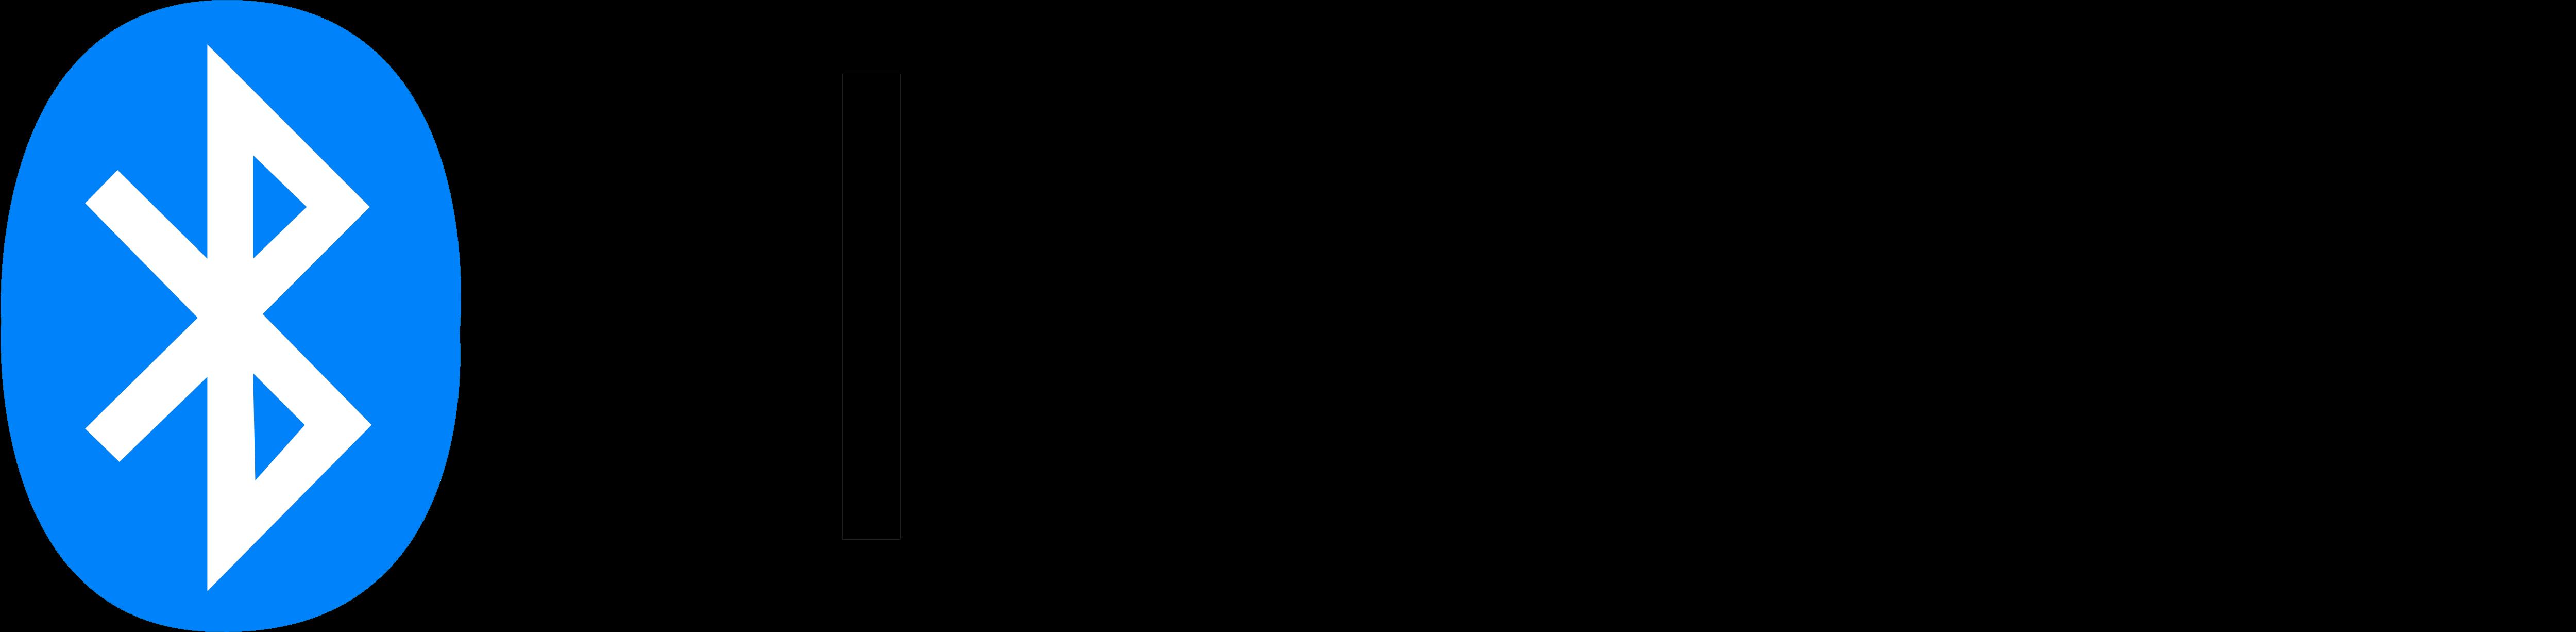 bluetooth logos download